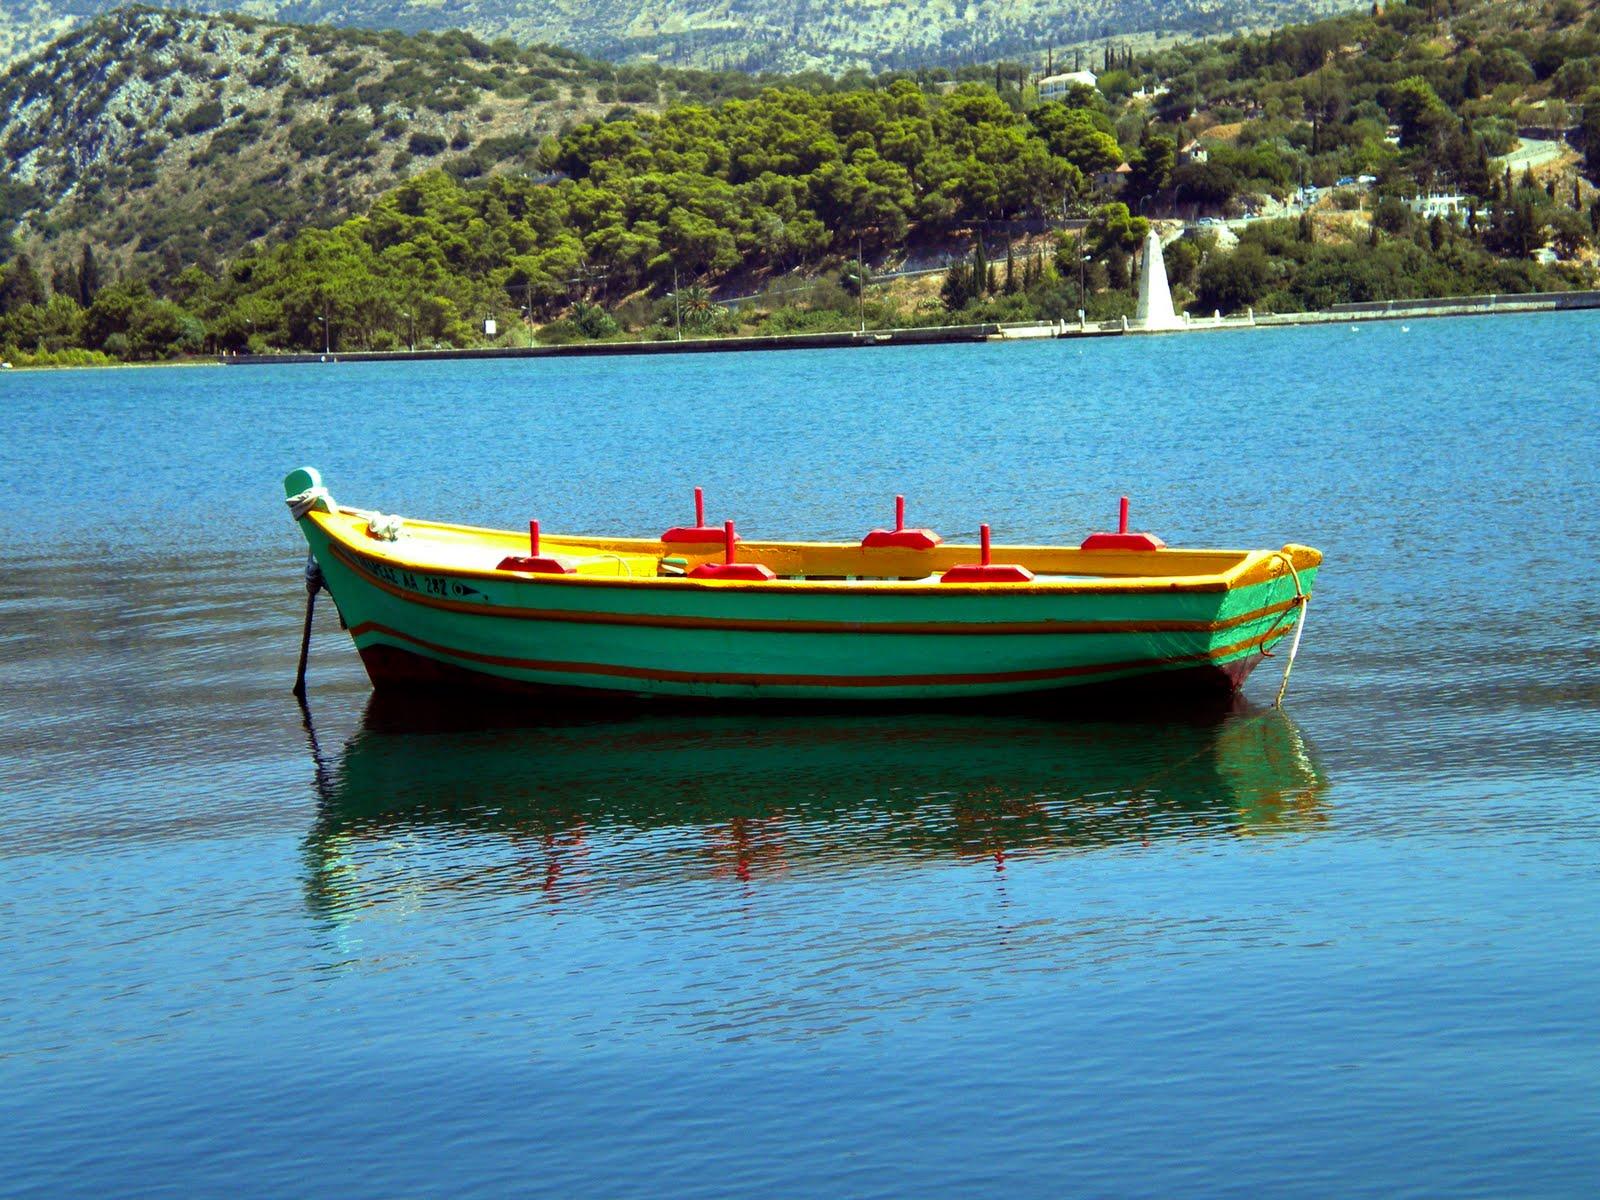 Εντοπίστηκε βάρκα ανοικτά της Σκιάθου